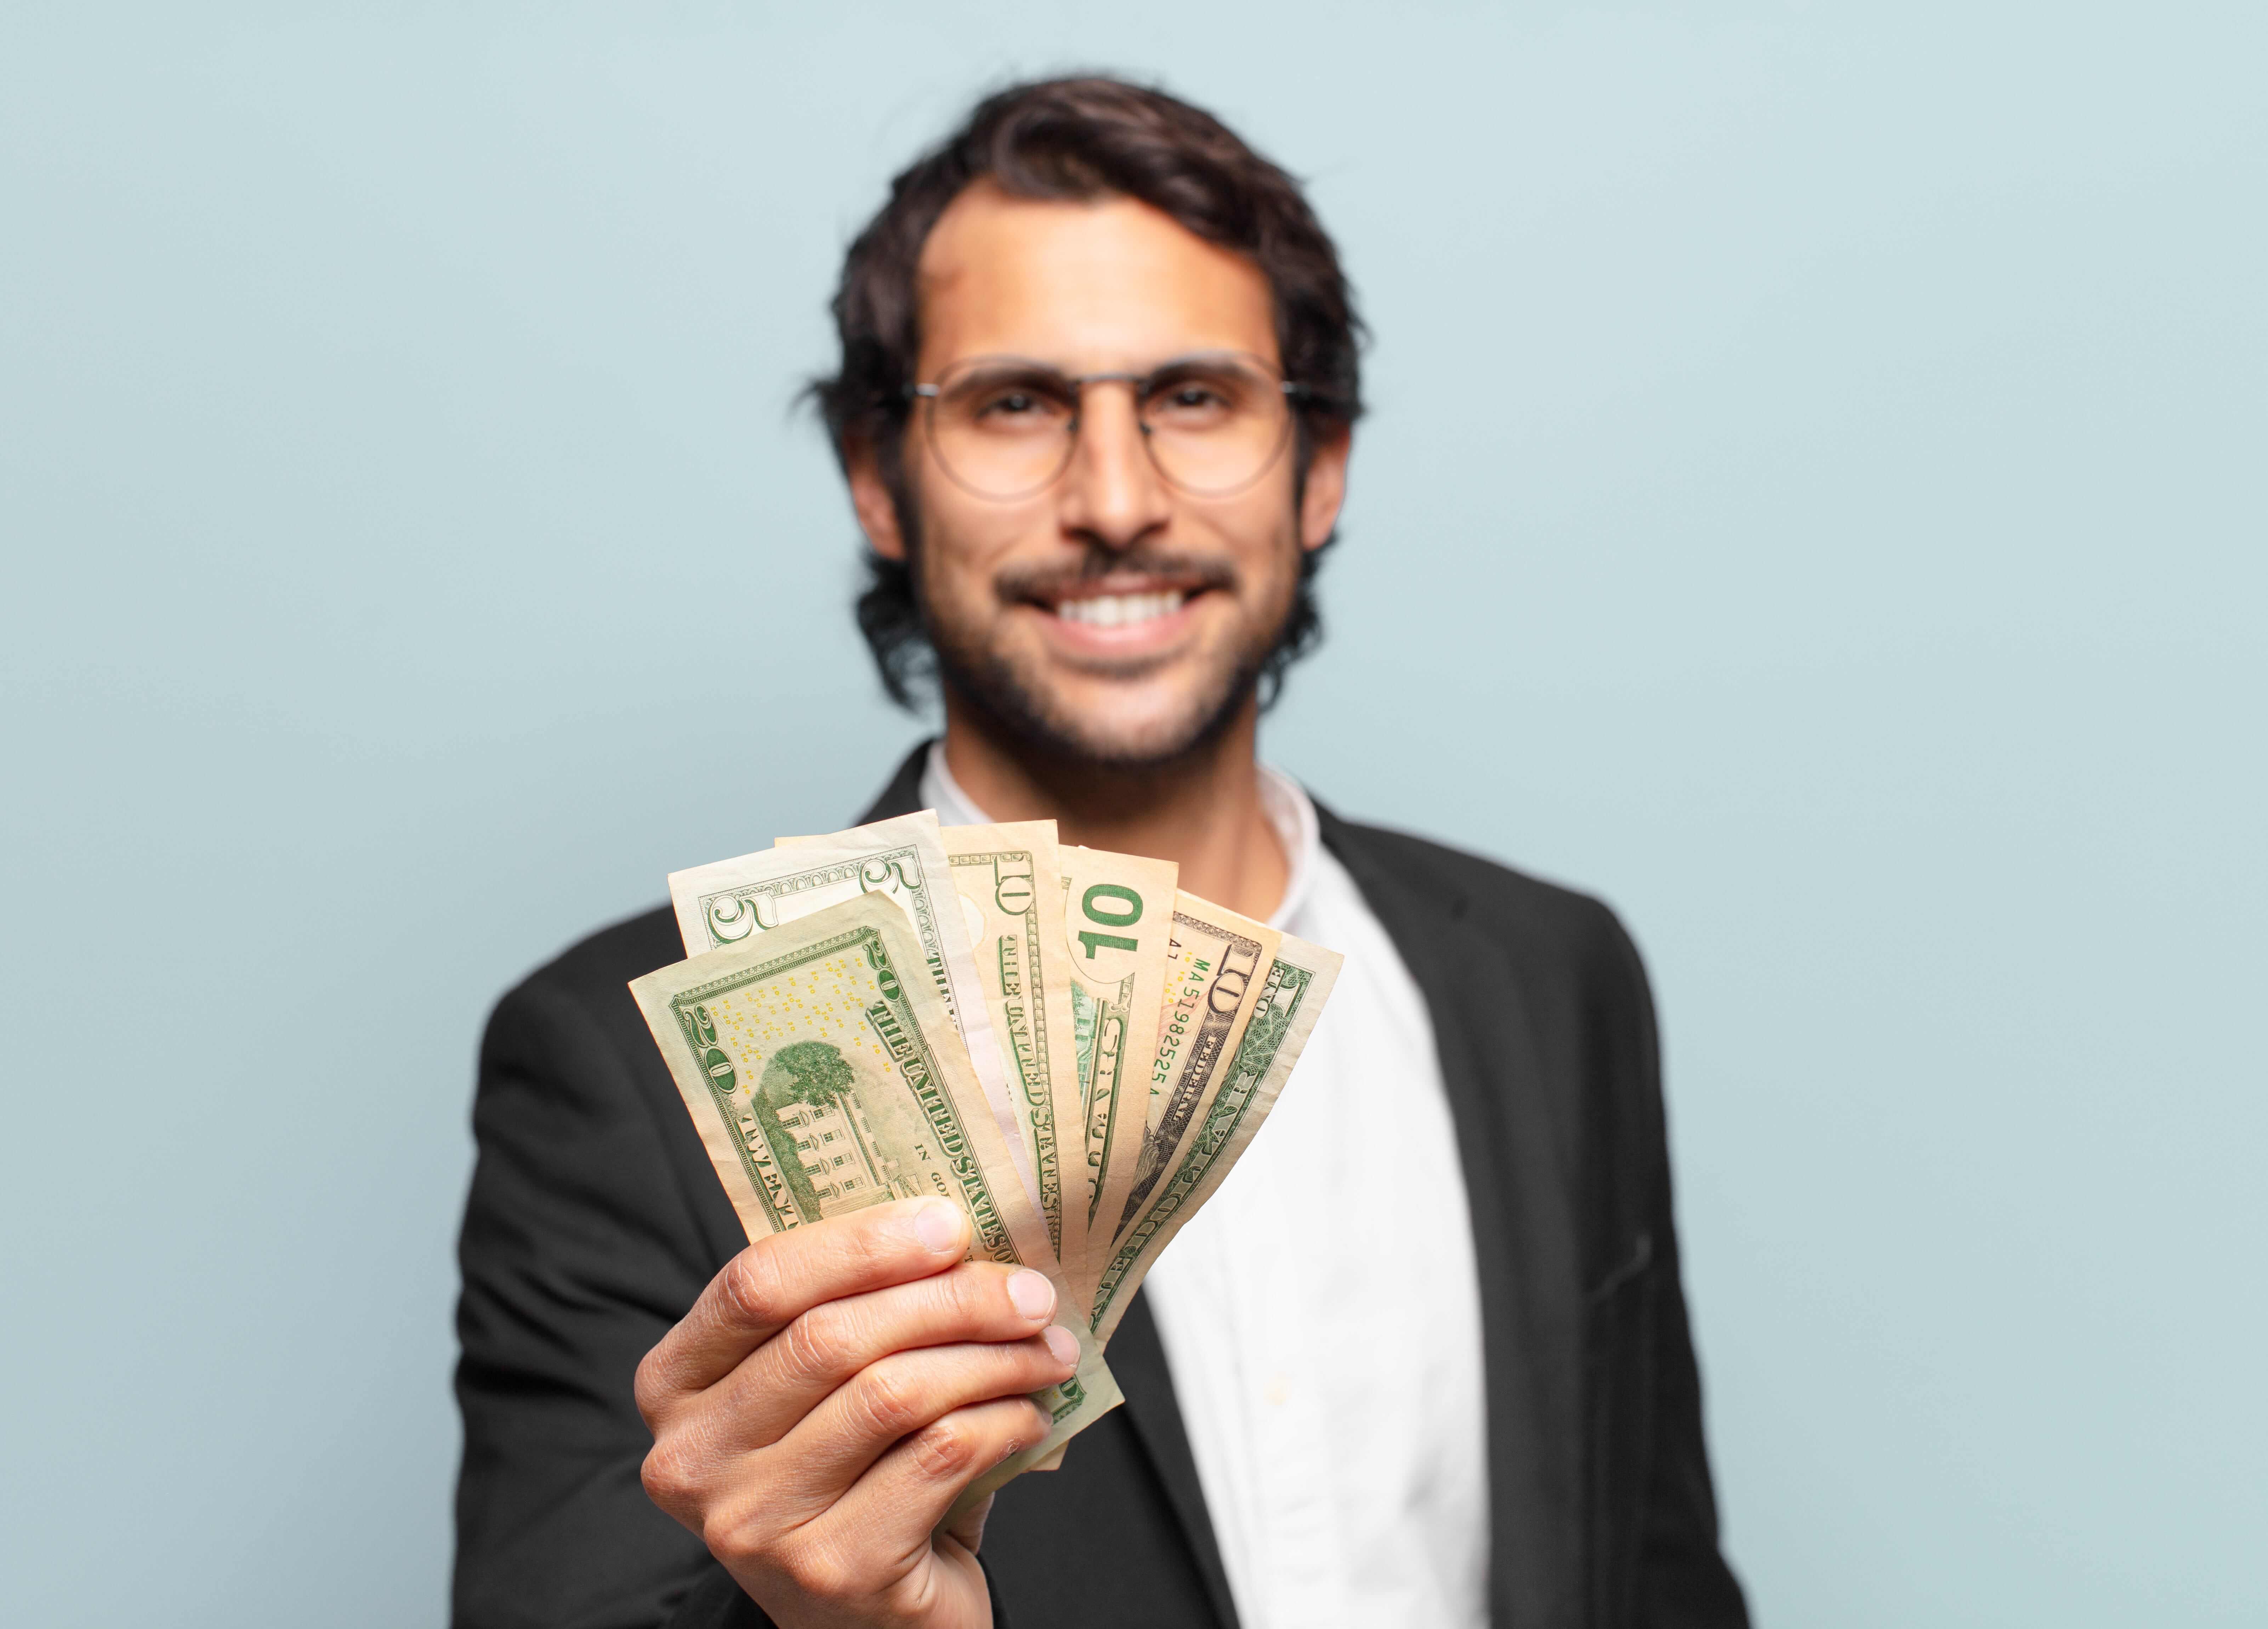 Same Day Payday Loans No Credit Check